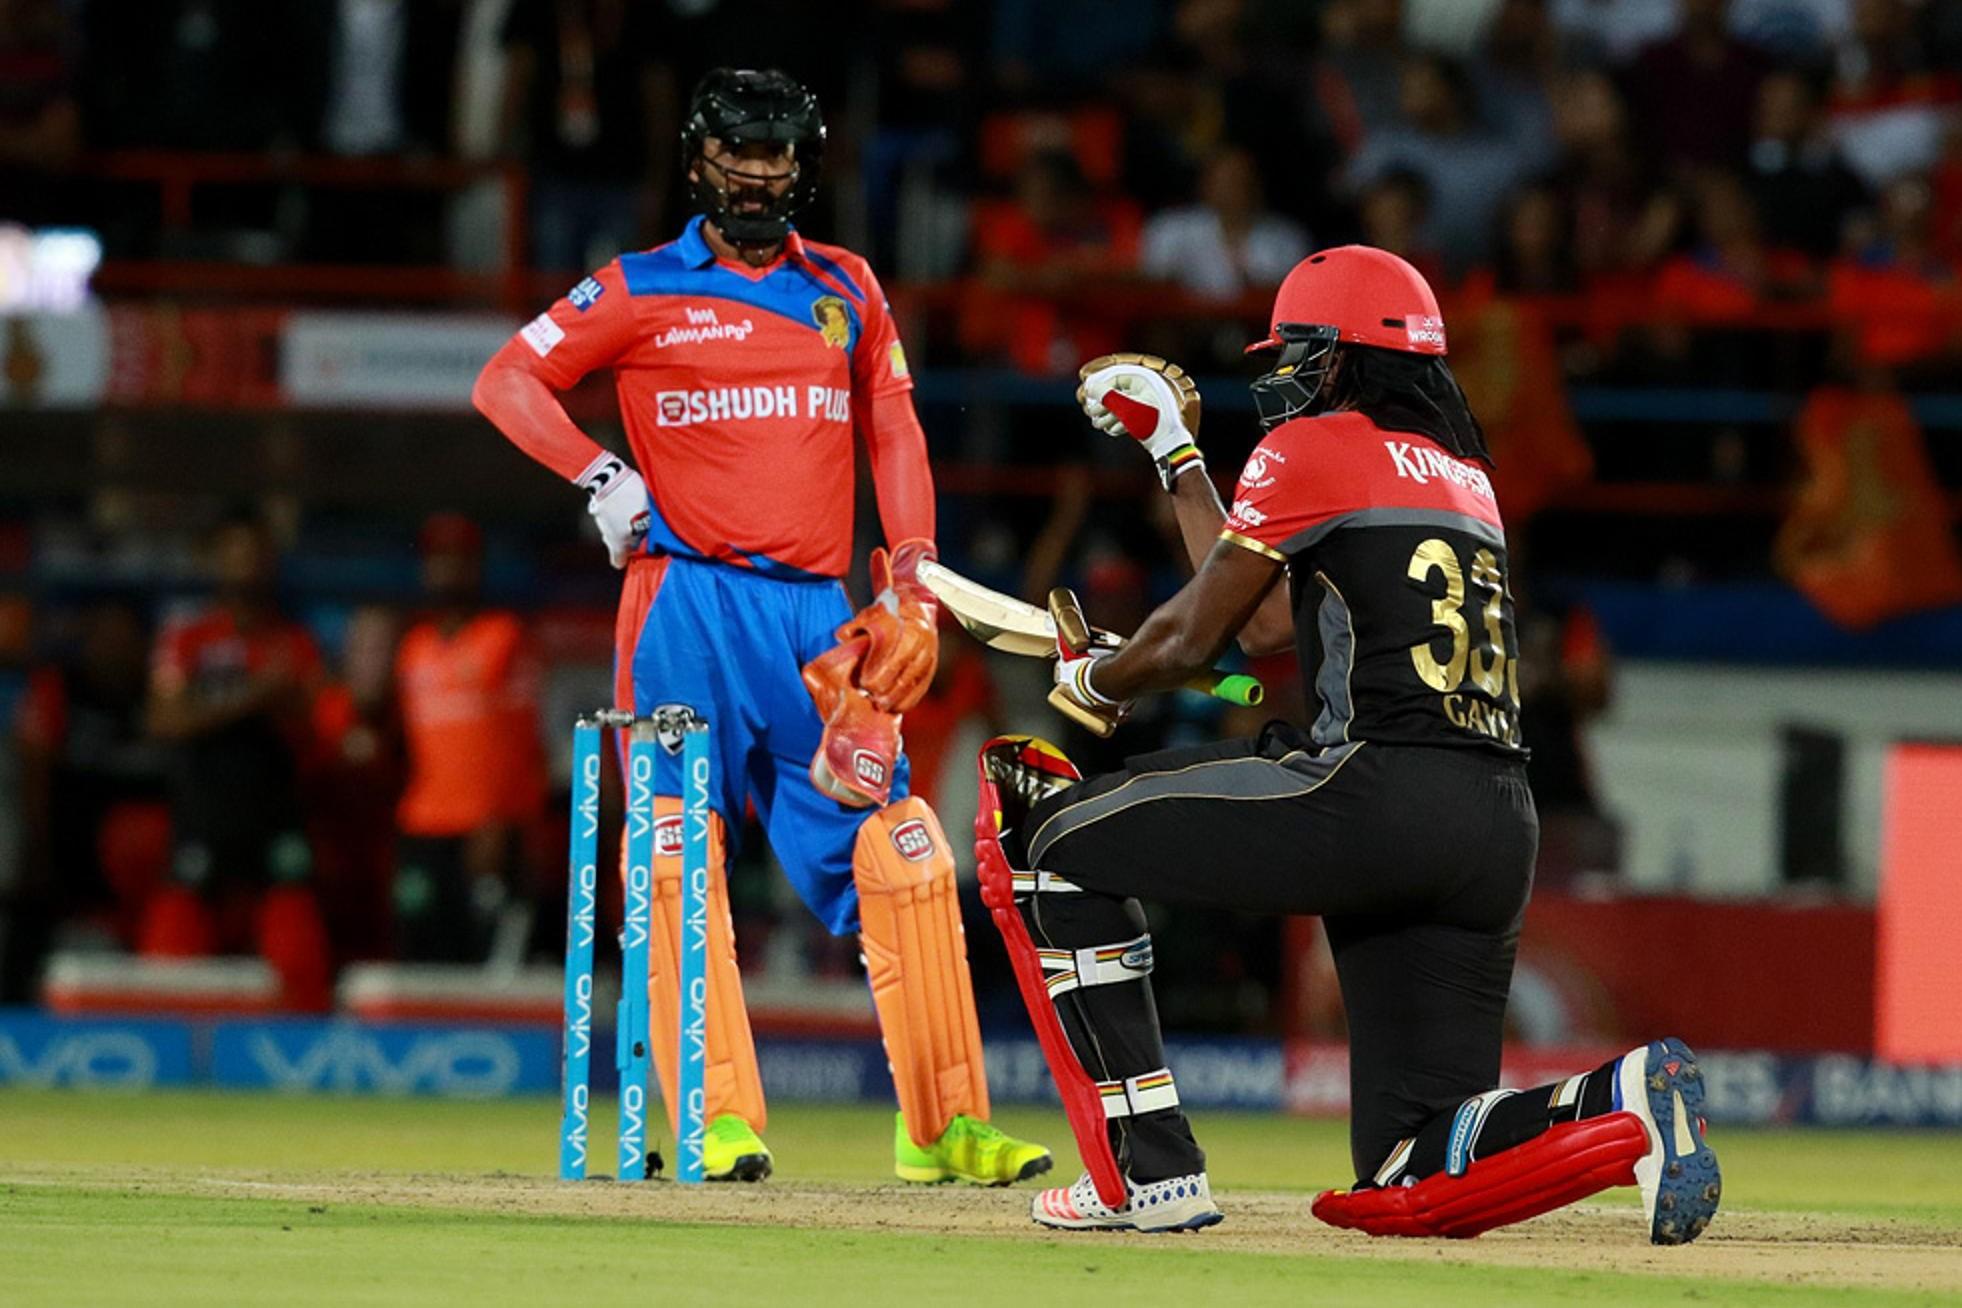 केकेआर ने दिखाया था क्रिस गेल को टीम से बाहर का रास्ता, आज तूफानी पारी खेलने के बाद दी कोलकाता को सरेआम धमकी